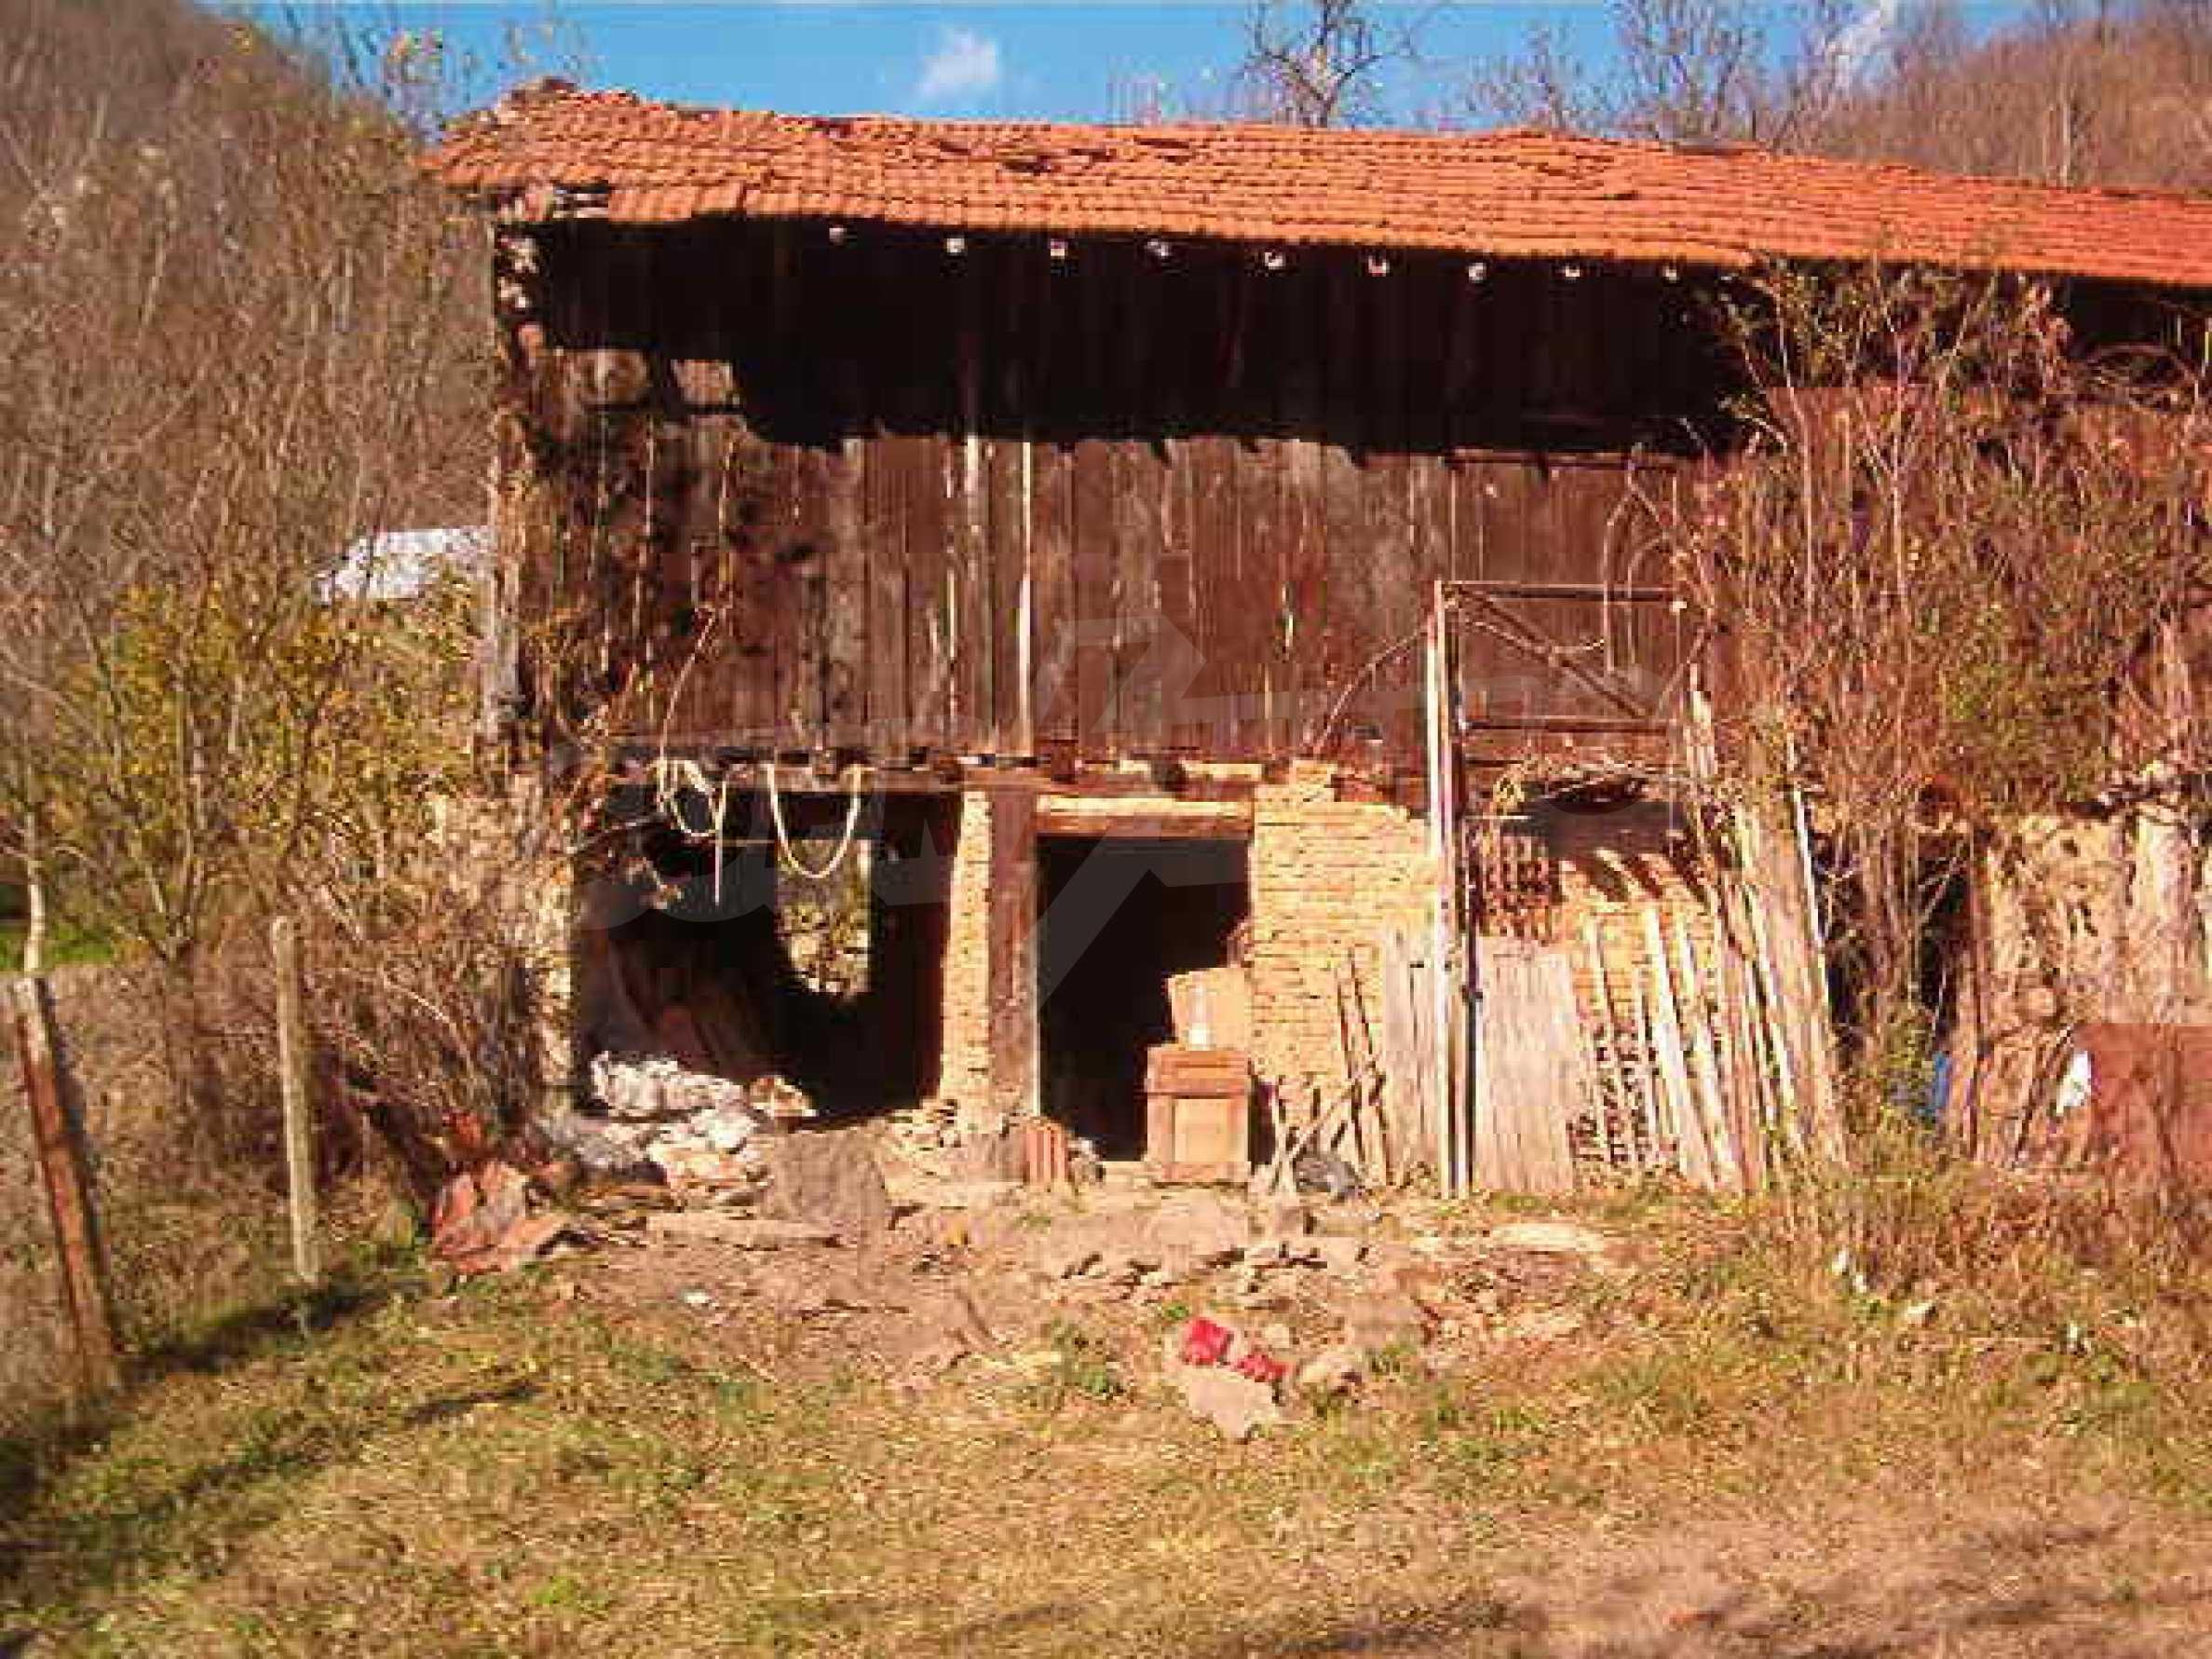 Grundstück zum Verkauf auf dem Balkan